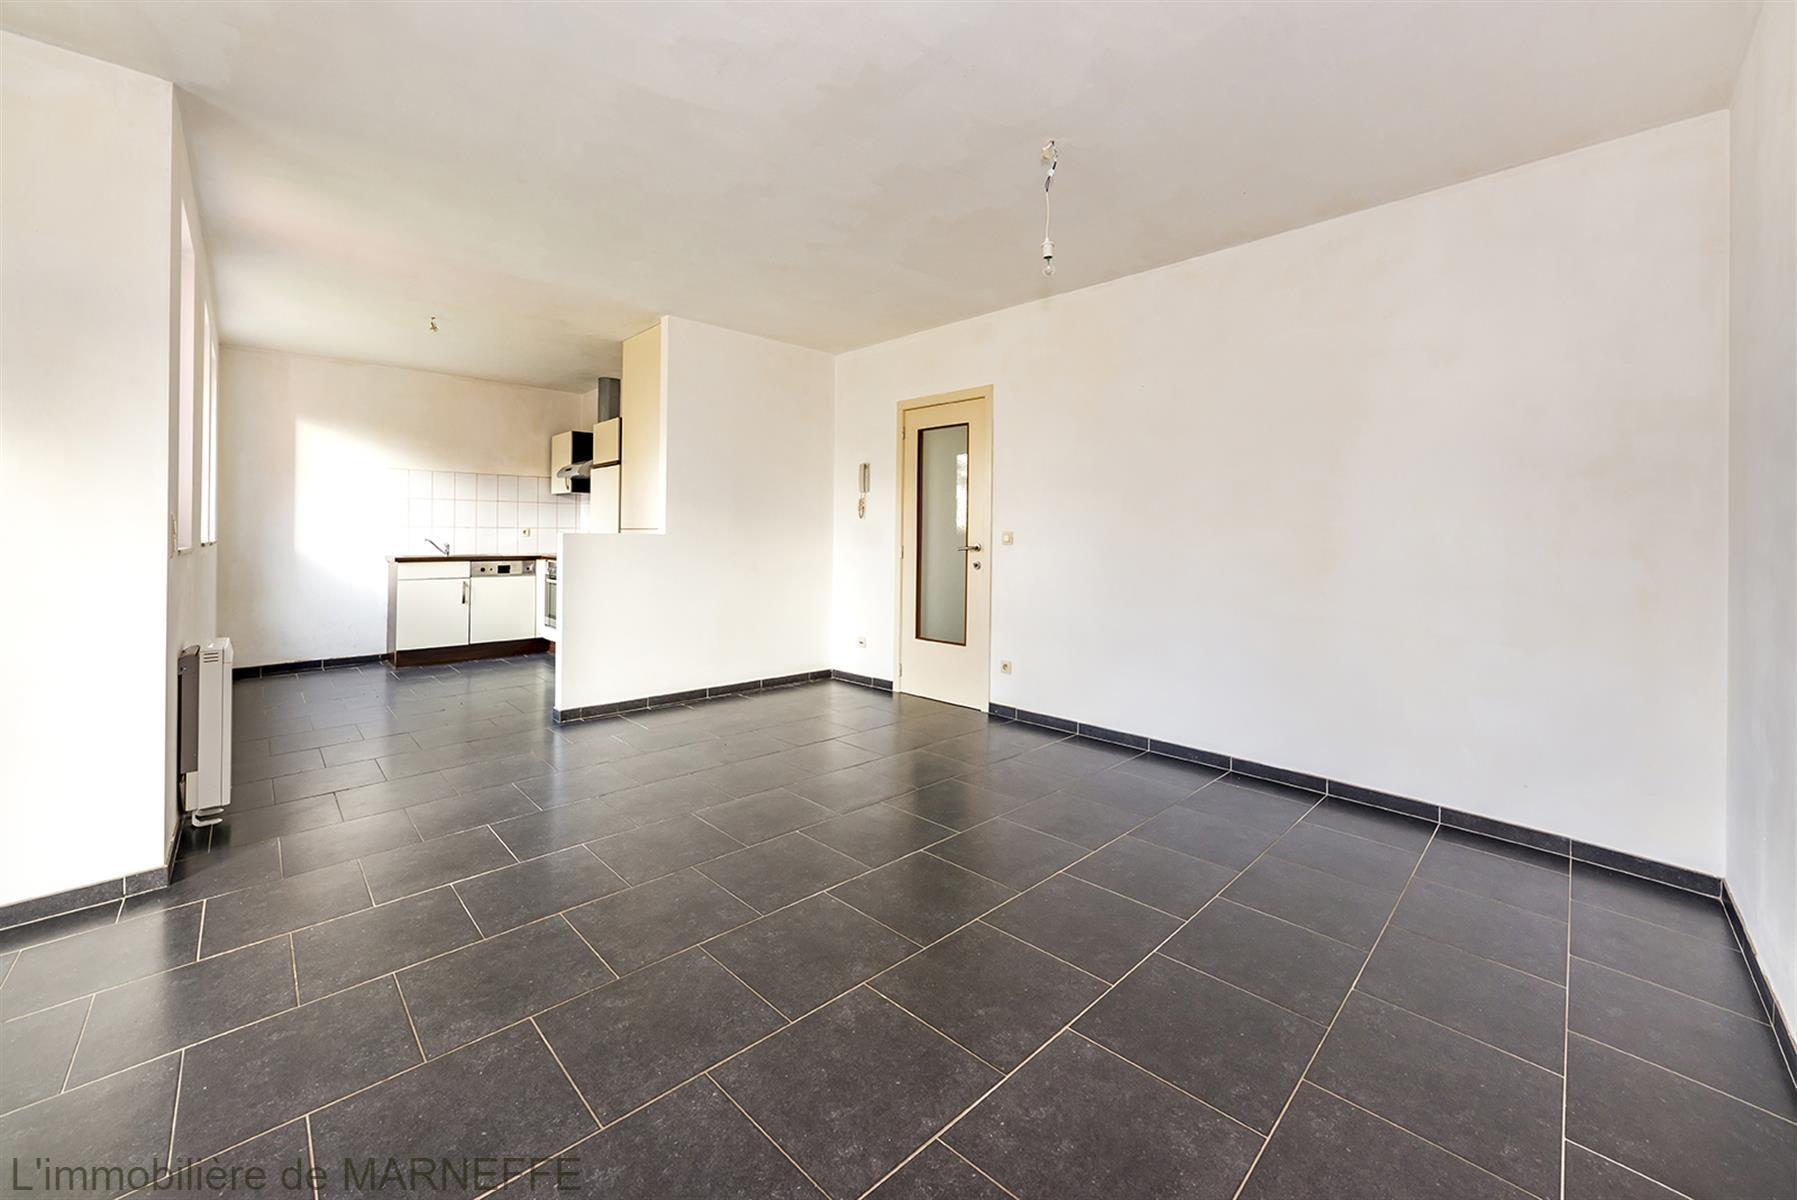 Appartement - Hannut - #3613211-14